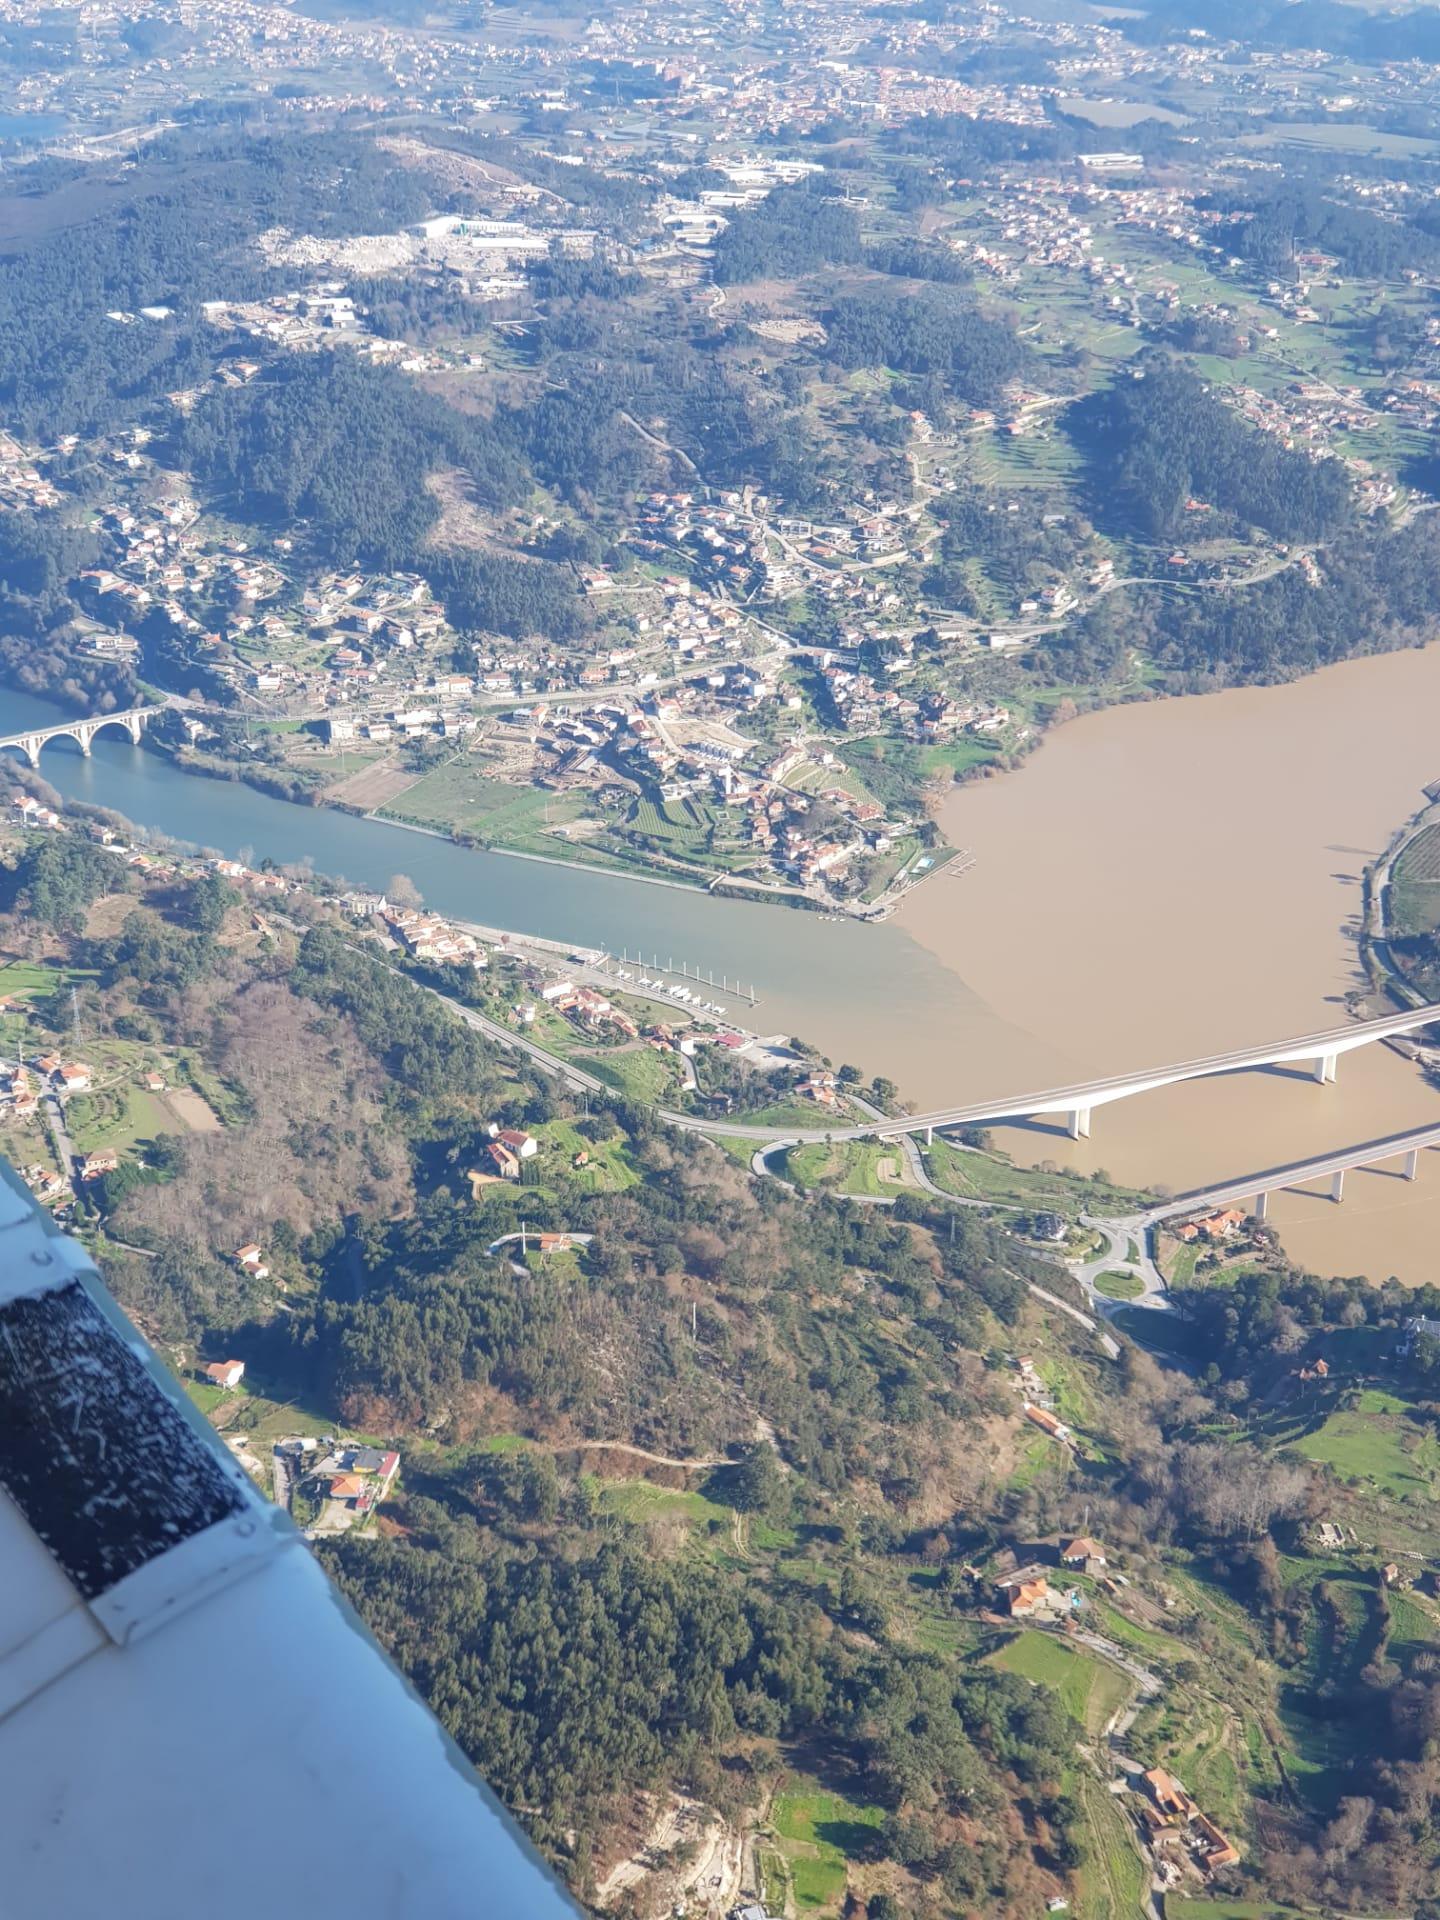 LM-Arquivo-Douro-Paiva-Foto-Aerea-ETA-Lever-100